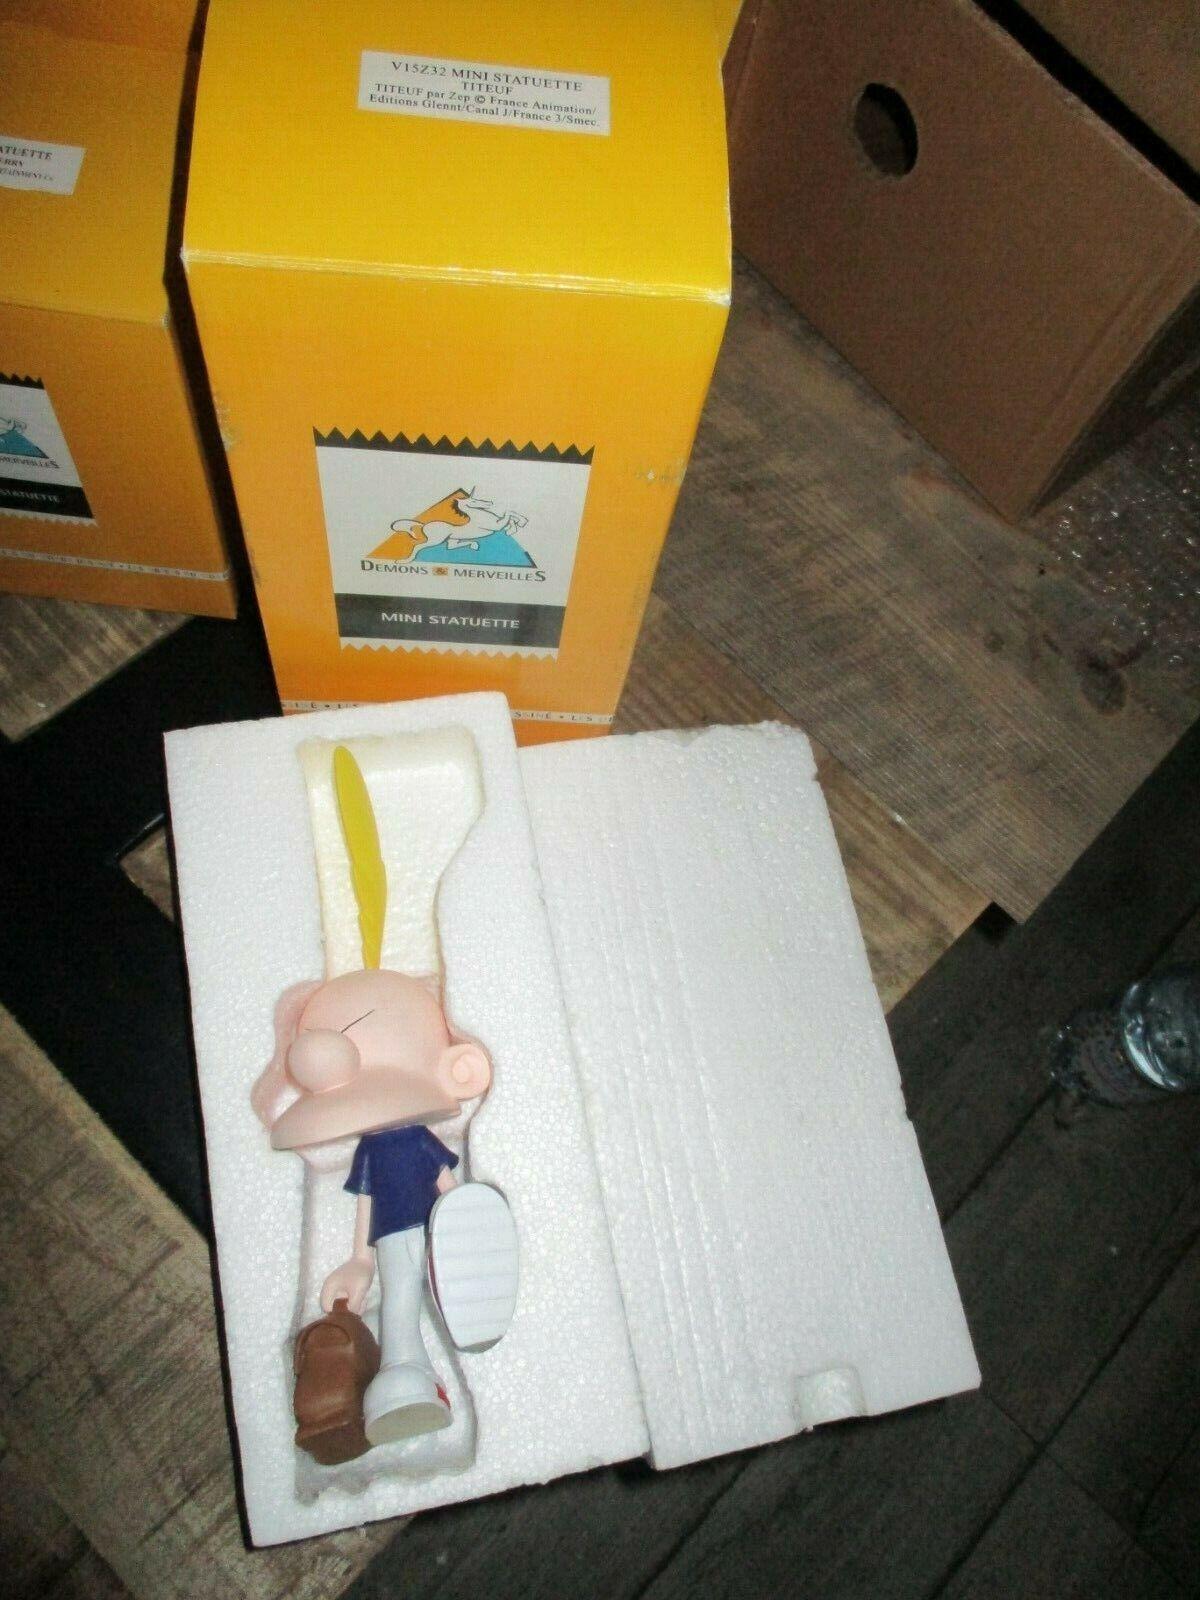 Démons&merveilles-Statuette Titeuf en colère avec cartable-2002- boite d origine